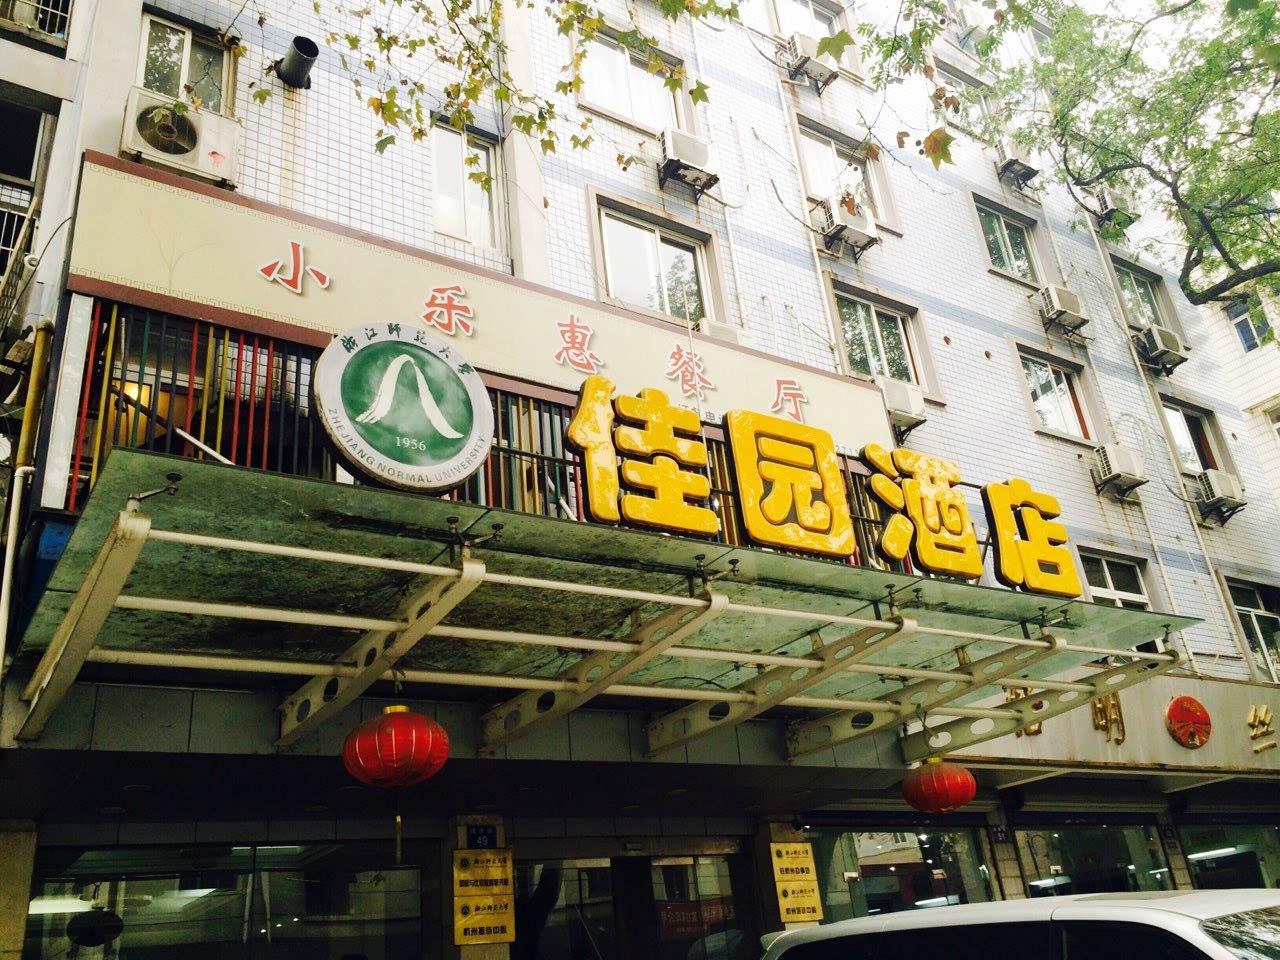 【杭州美食经济】酒香不怕巷子深!隐藏在美食小吃温州网图片